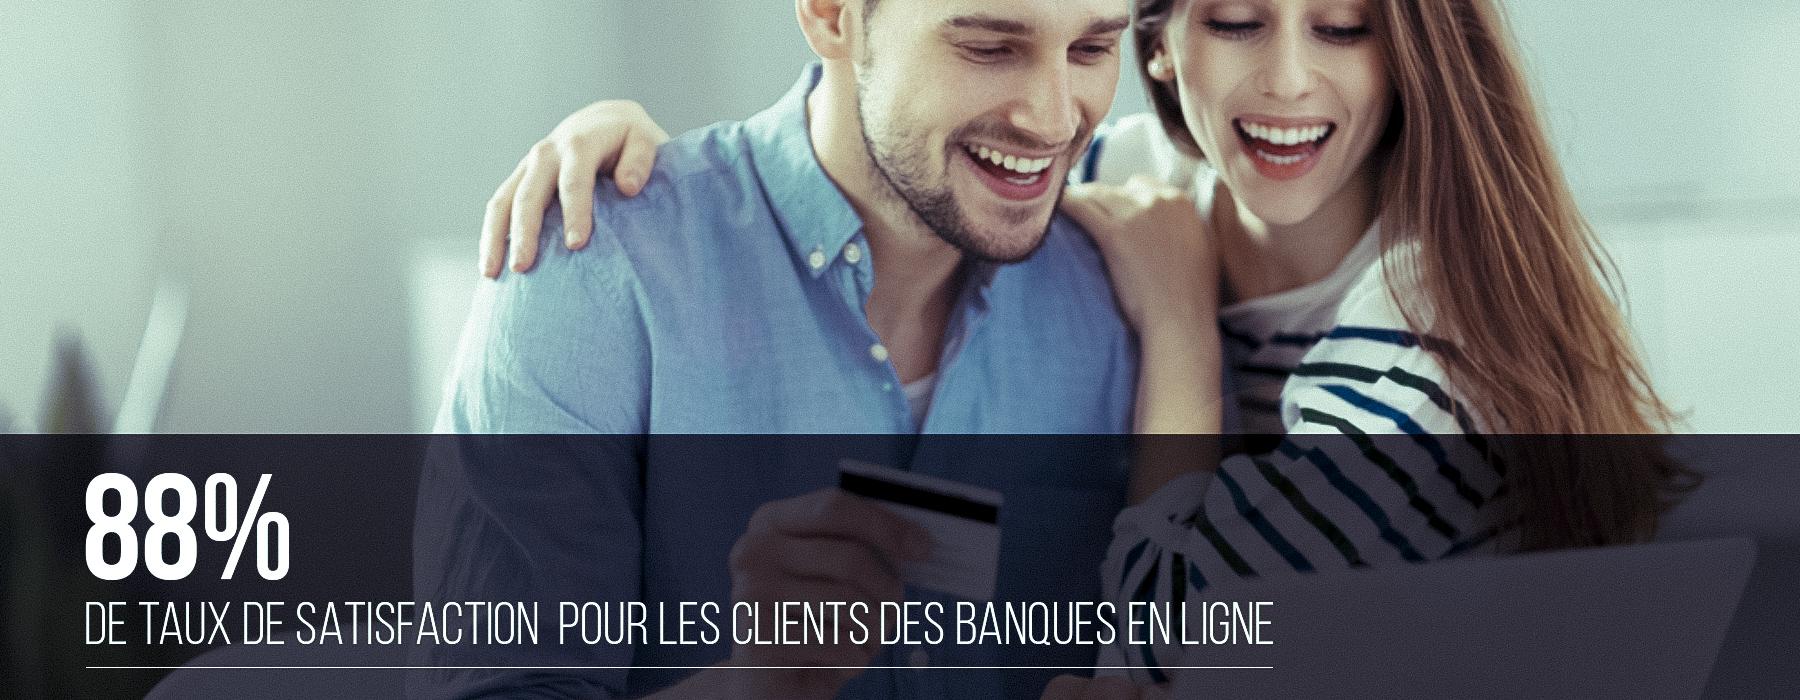 Banniere Taux satisfaction banques en ligne